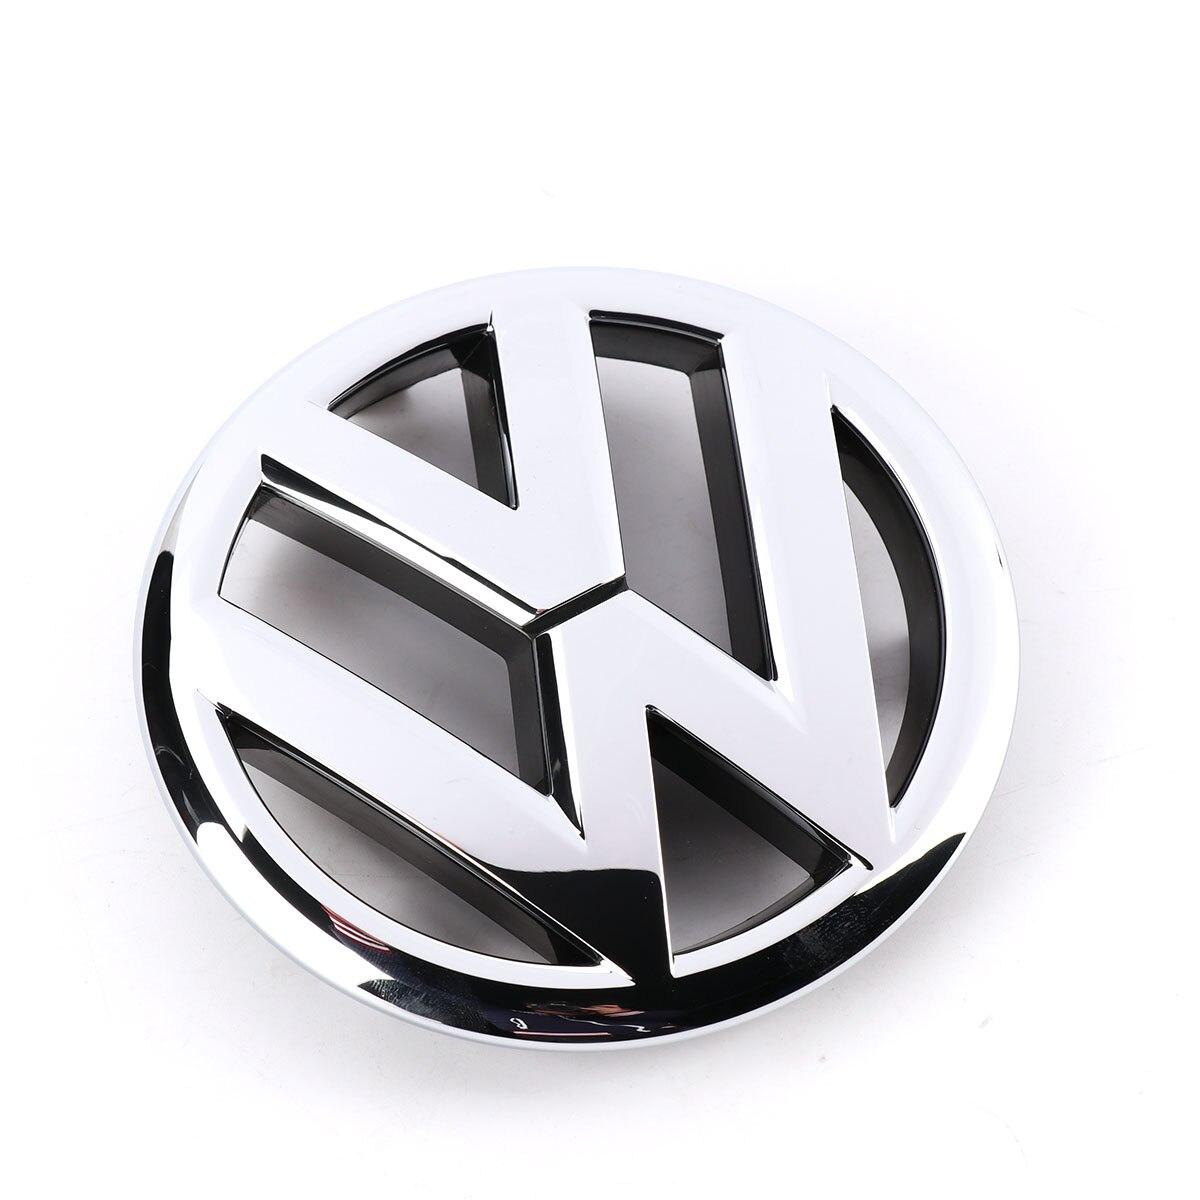 Auto Auto VW Emblem Chrom OEM Kühlergrill Abzeichen Aufkleber Für Volkswagen Jetta MK6 Limousine 2011-2015 5C6853601ULM